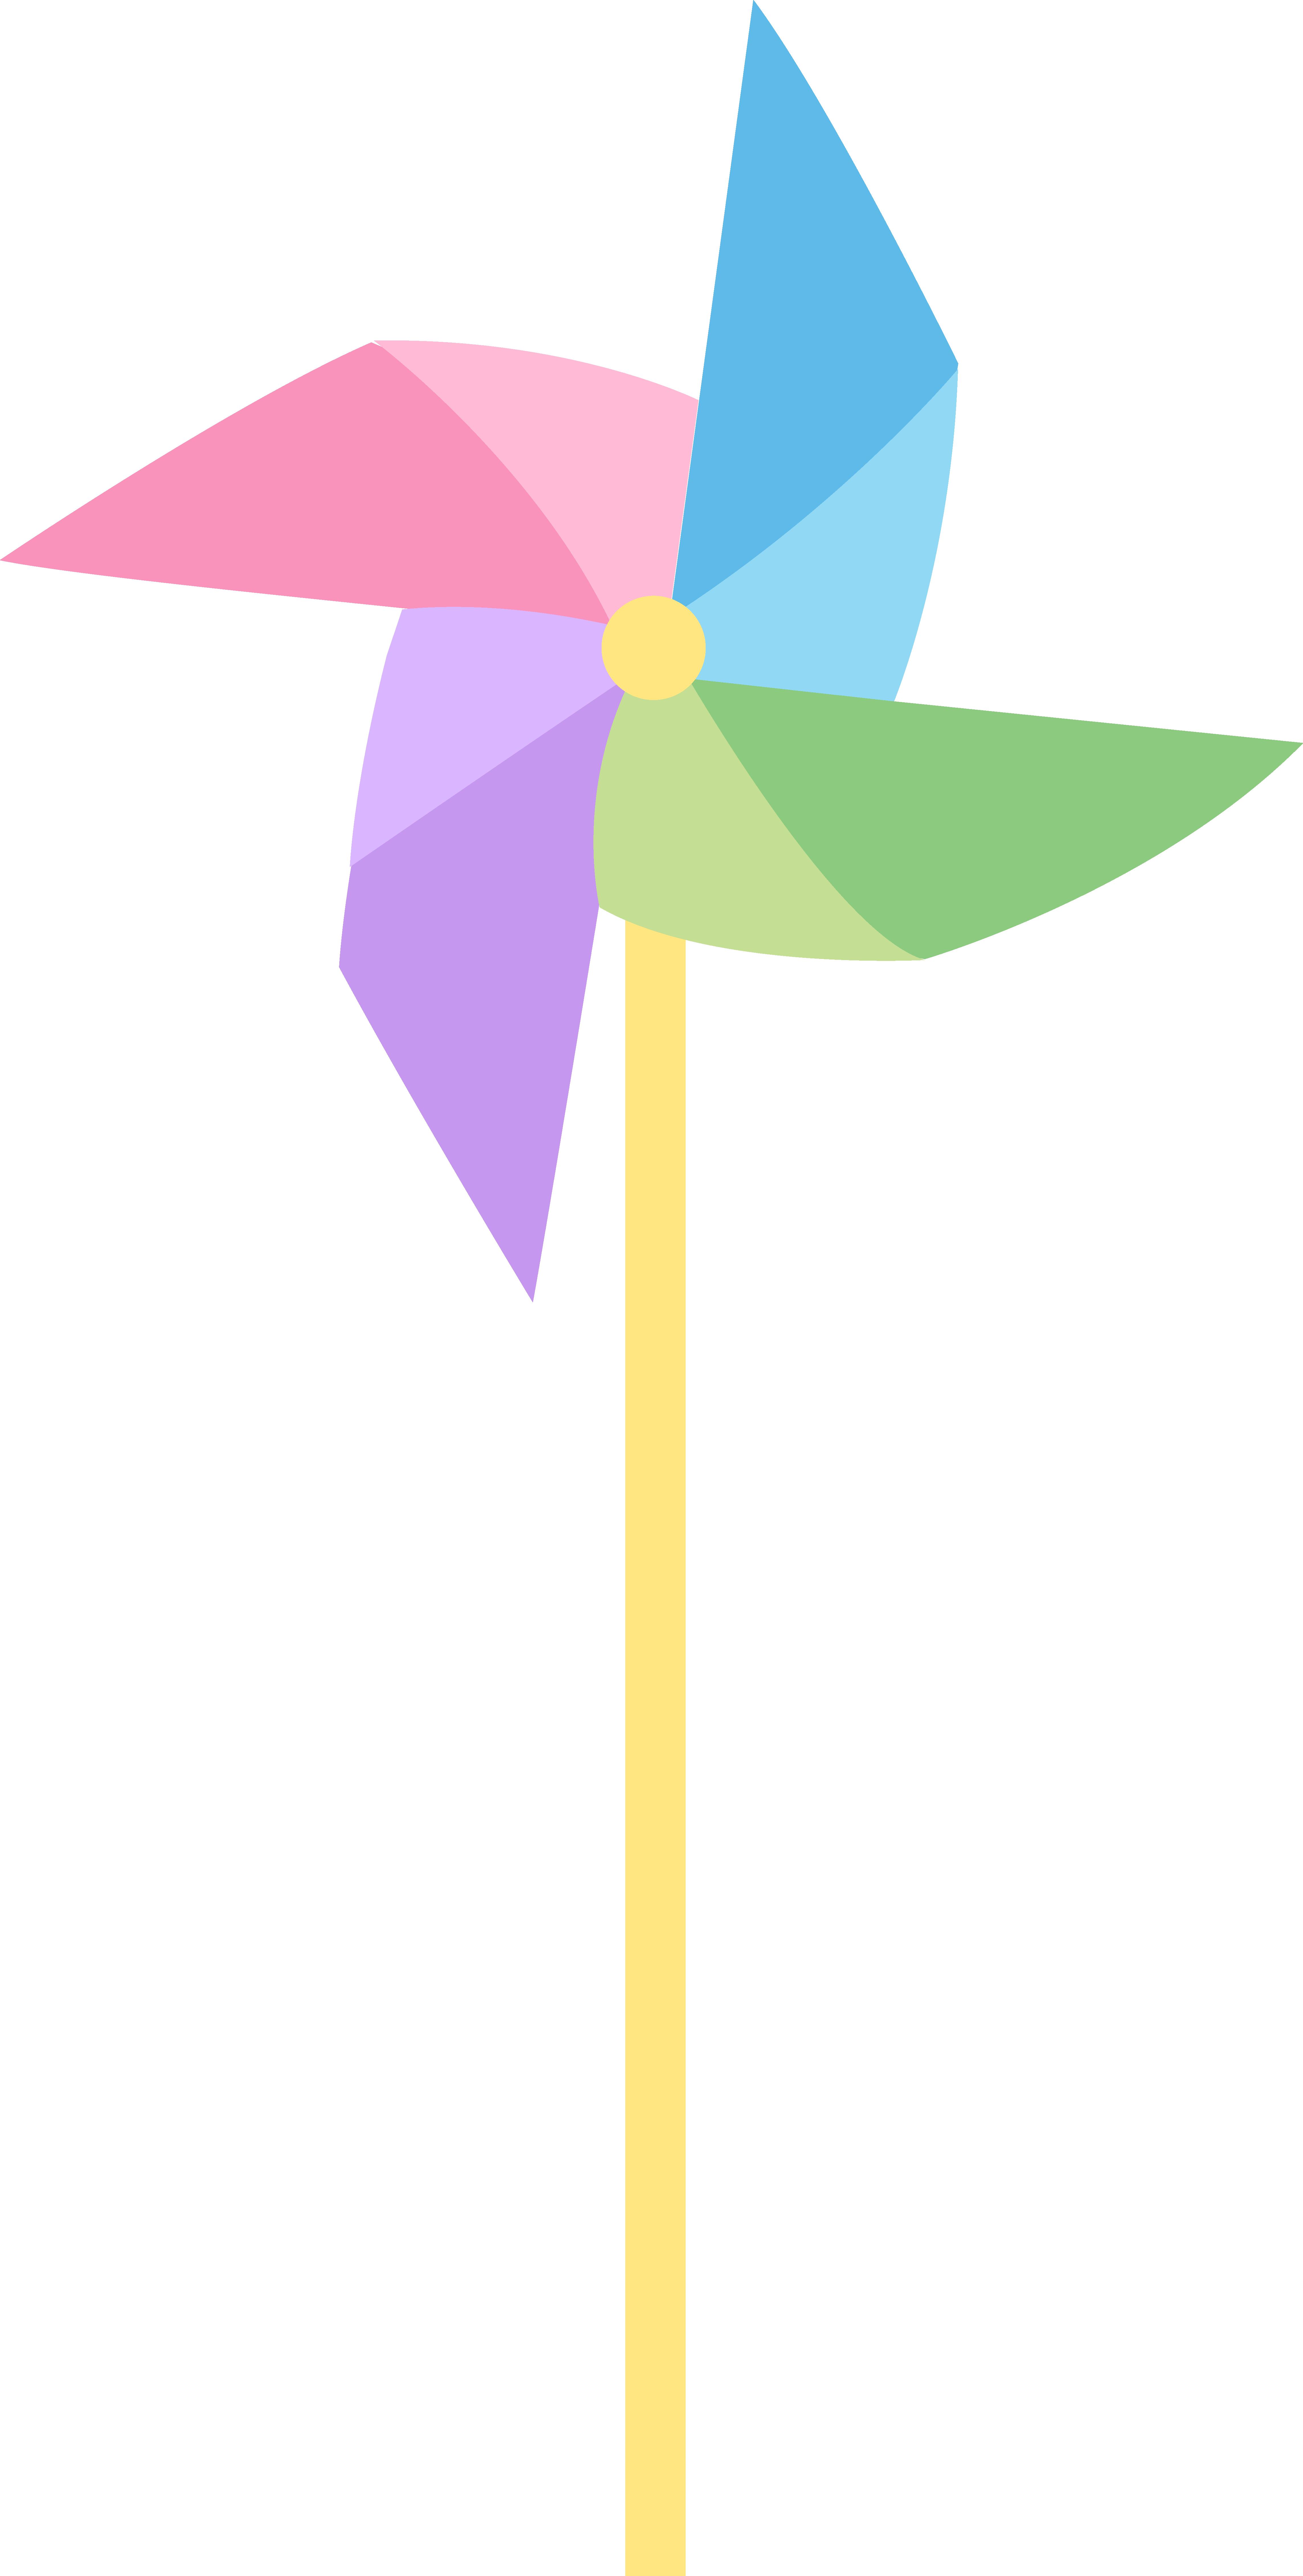 Pastel Colored Pinwheel.